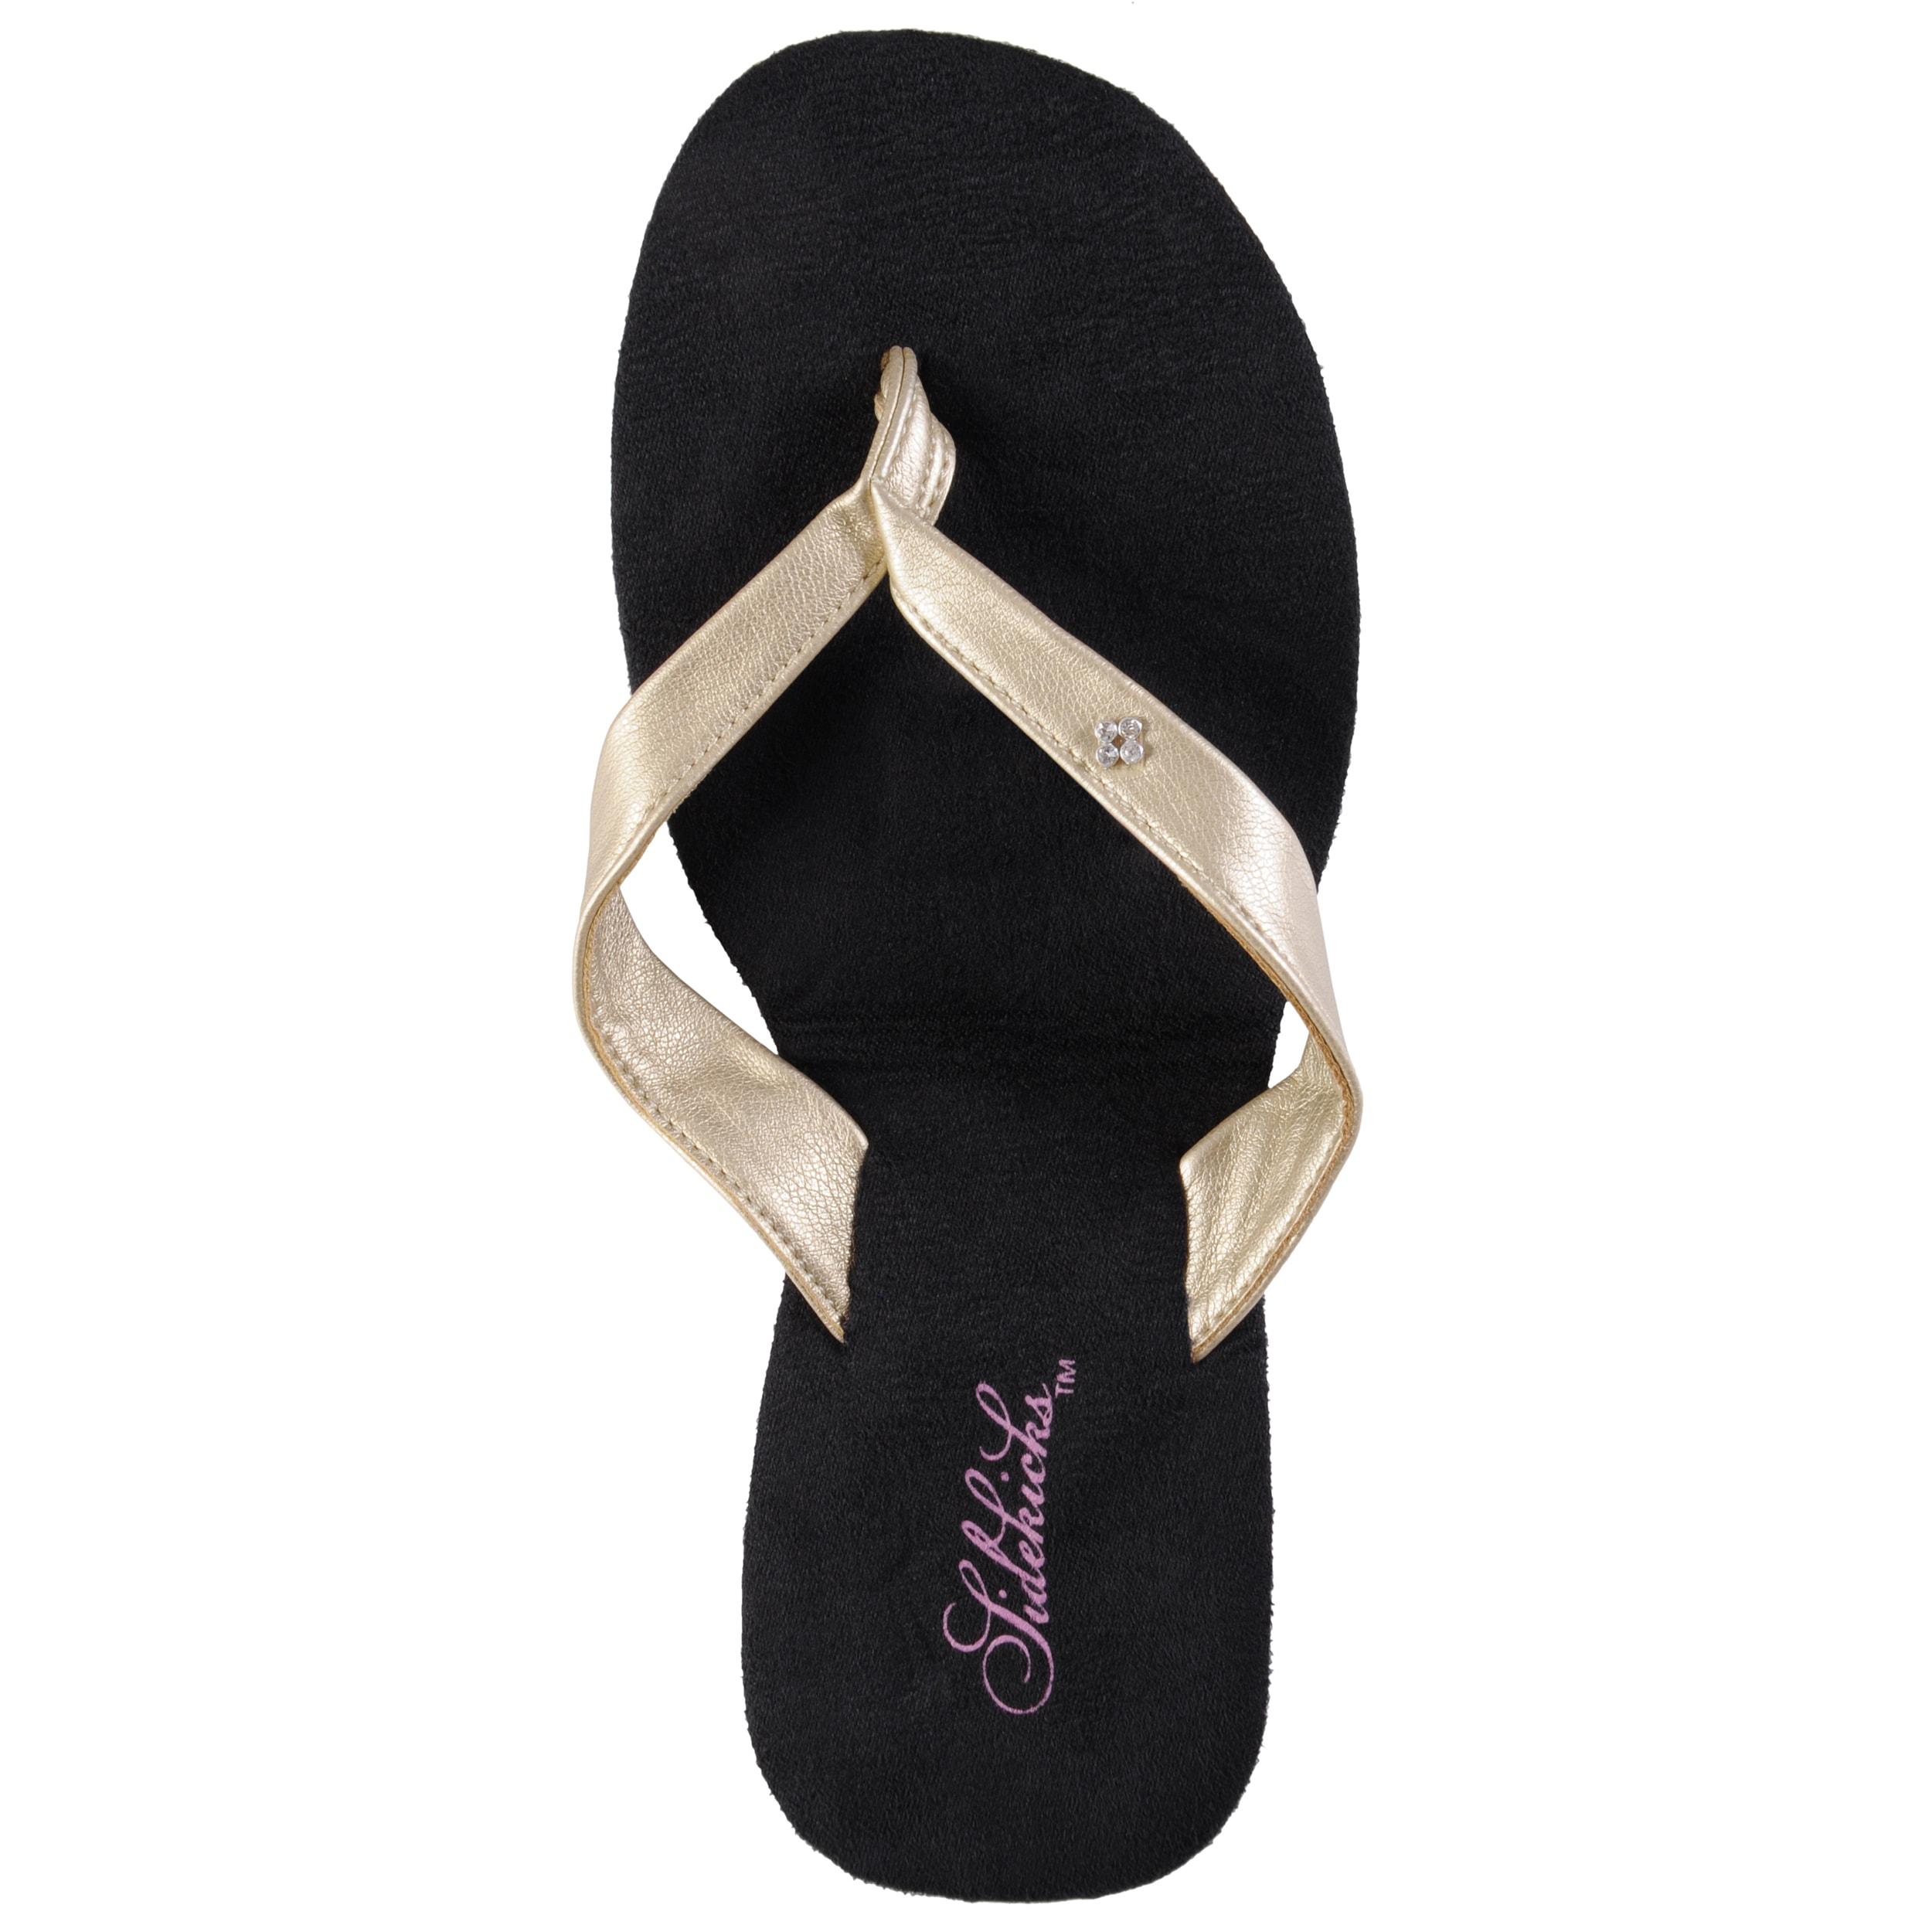 Sidekicks Women's Foldable Flip Flop Sandals